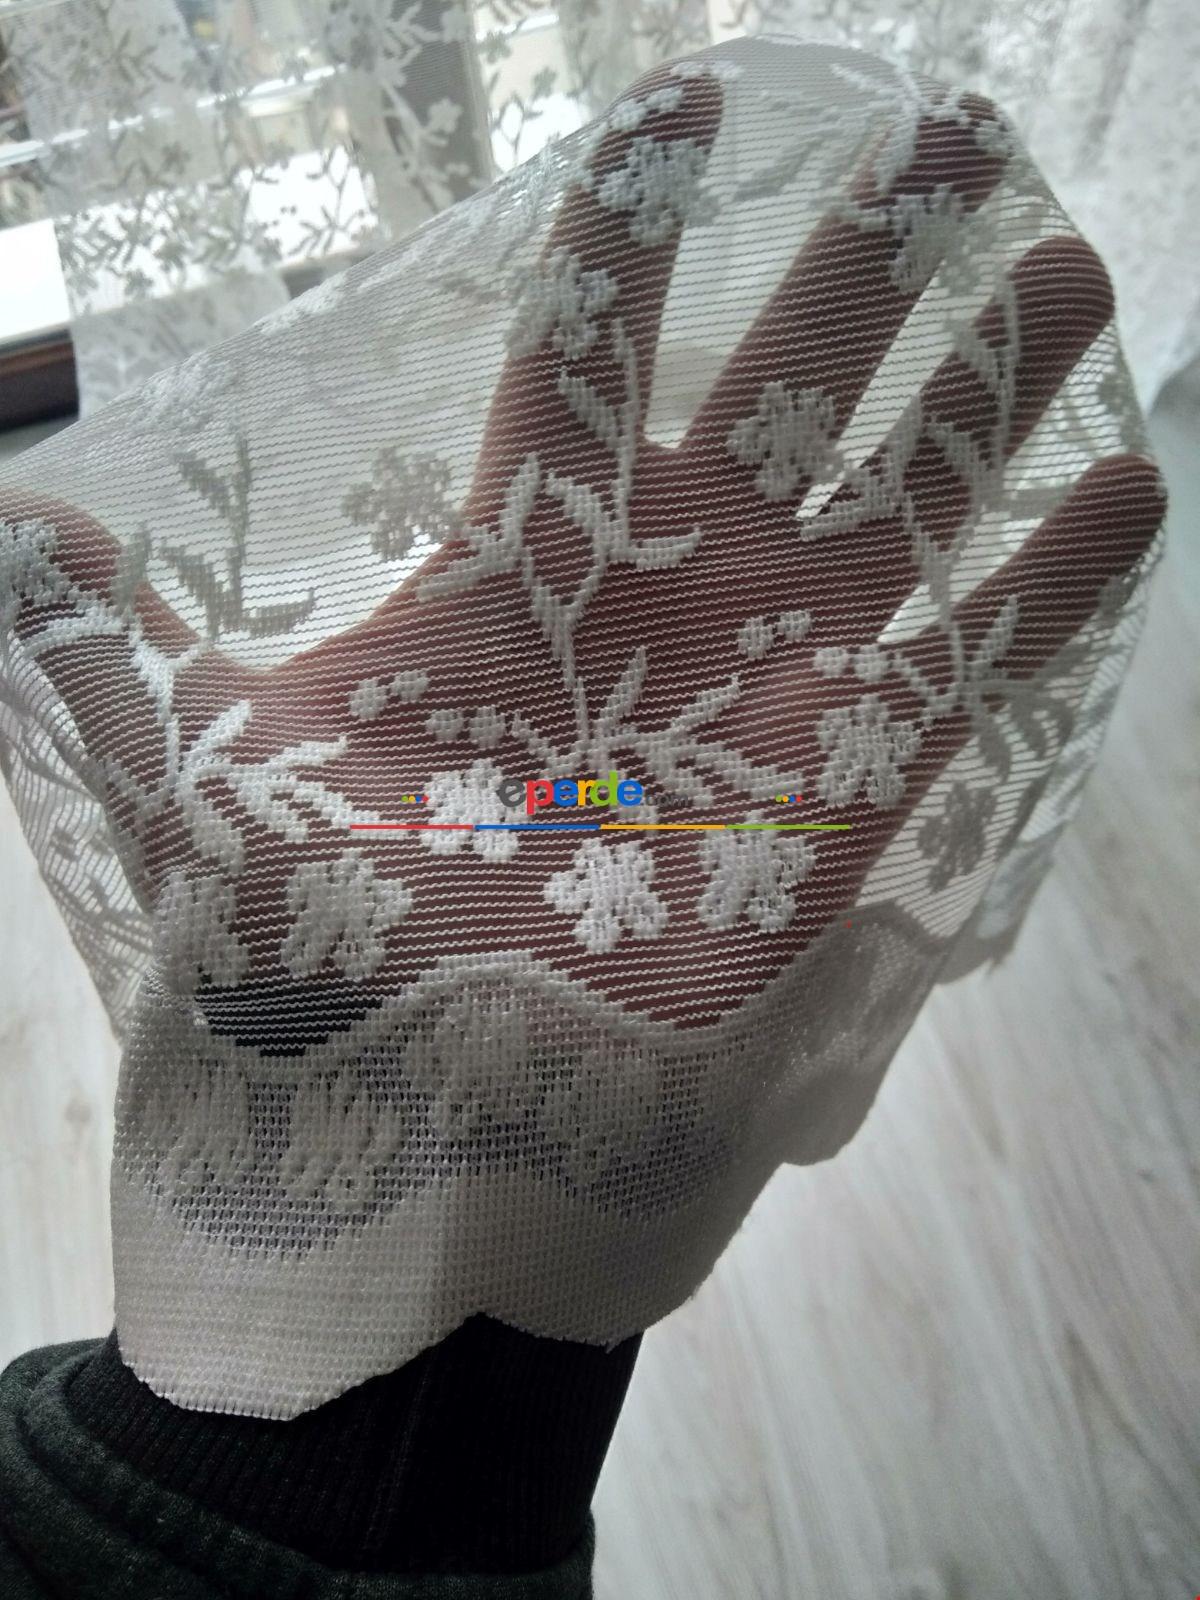 Hazır Dikili Çiçek Desenli Dantel Örme Perde 1/ 2,5 Pile